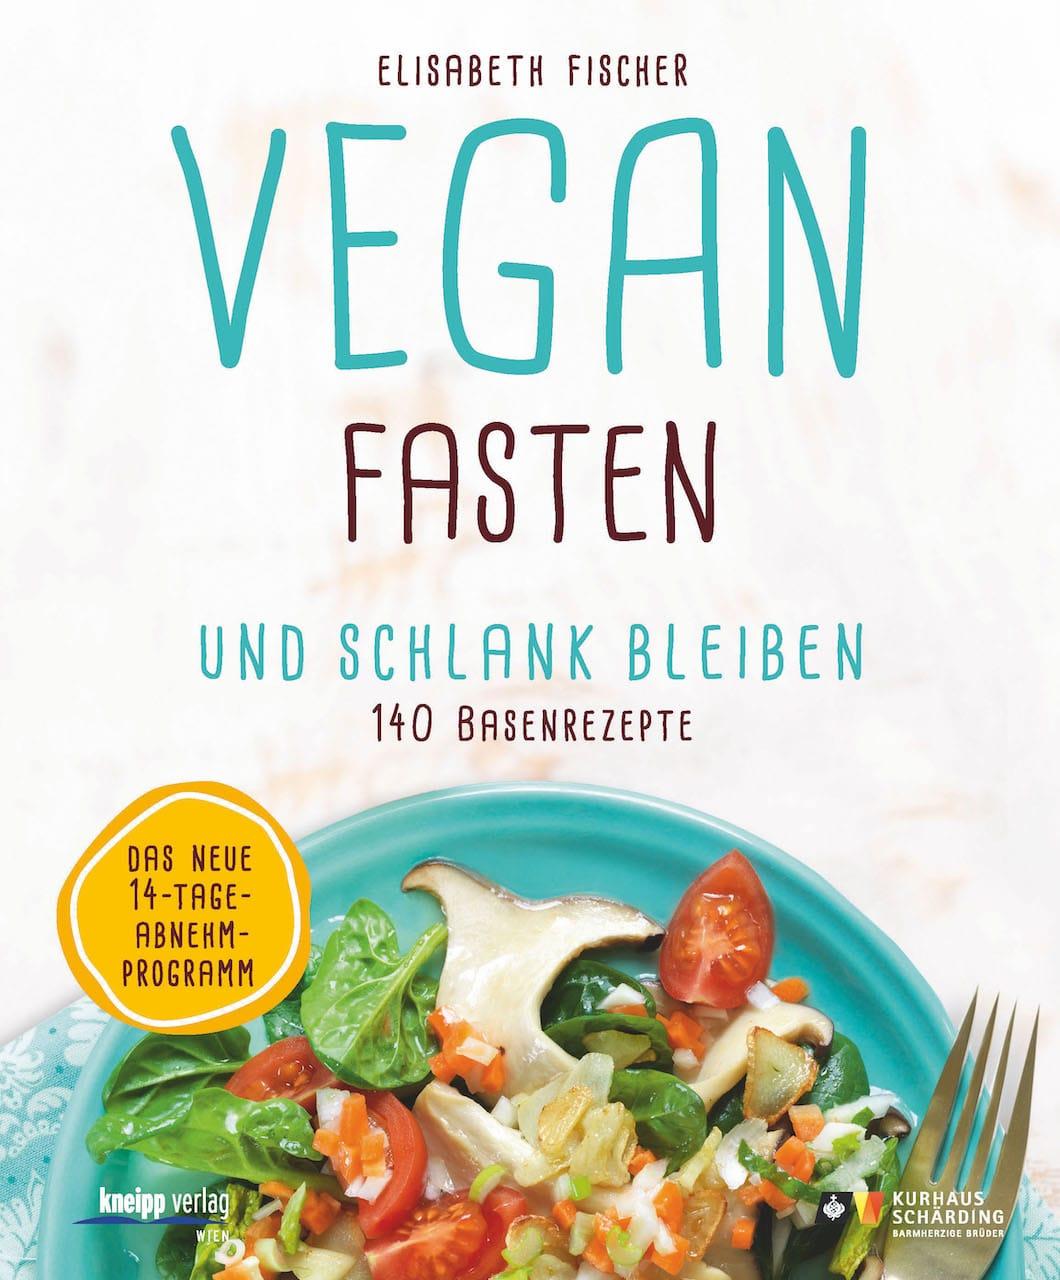 Vegan Fasten Umschlag